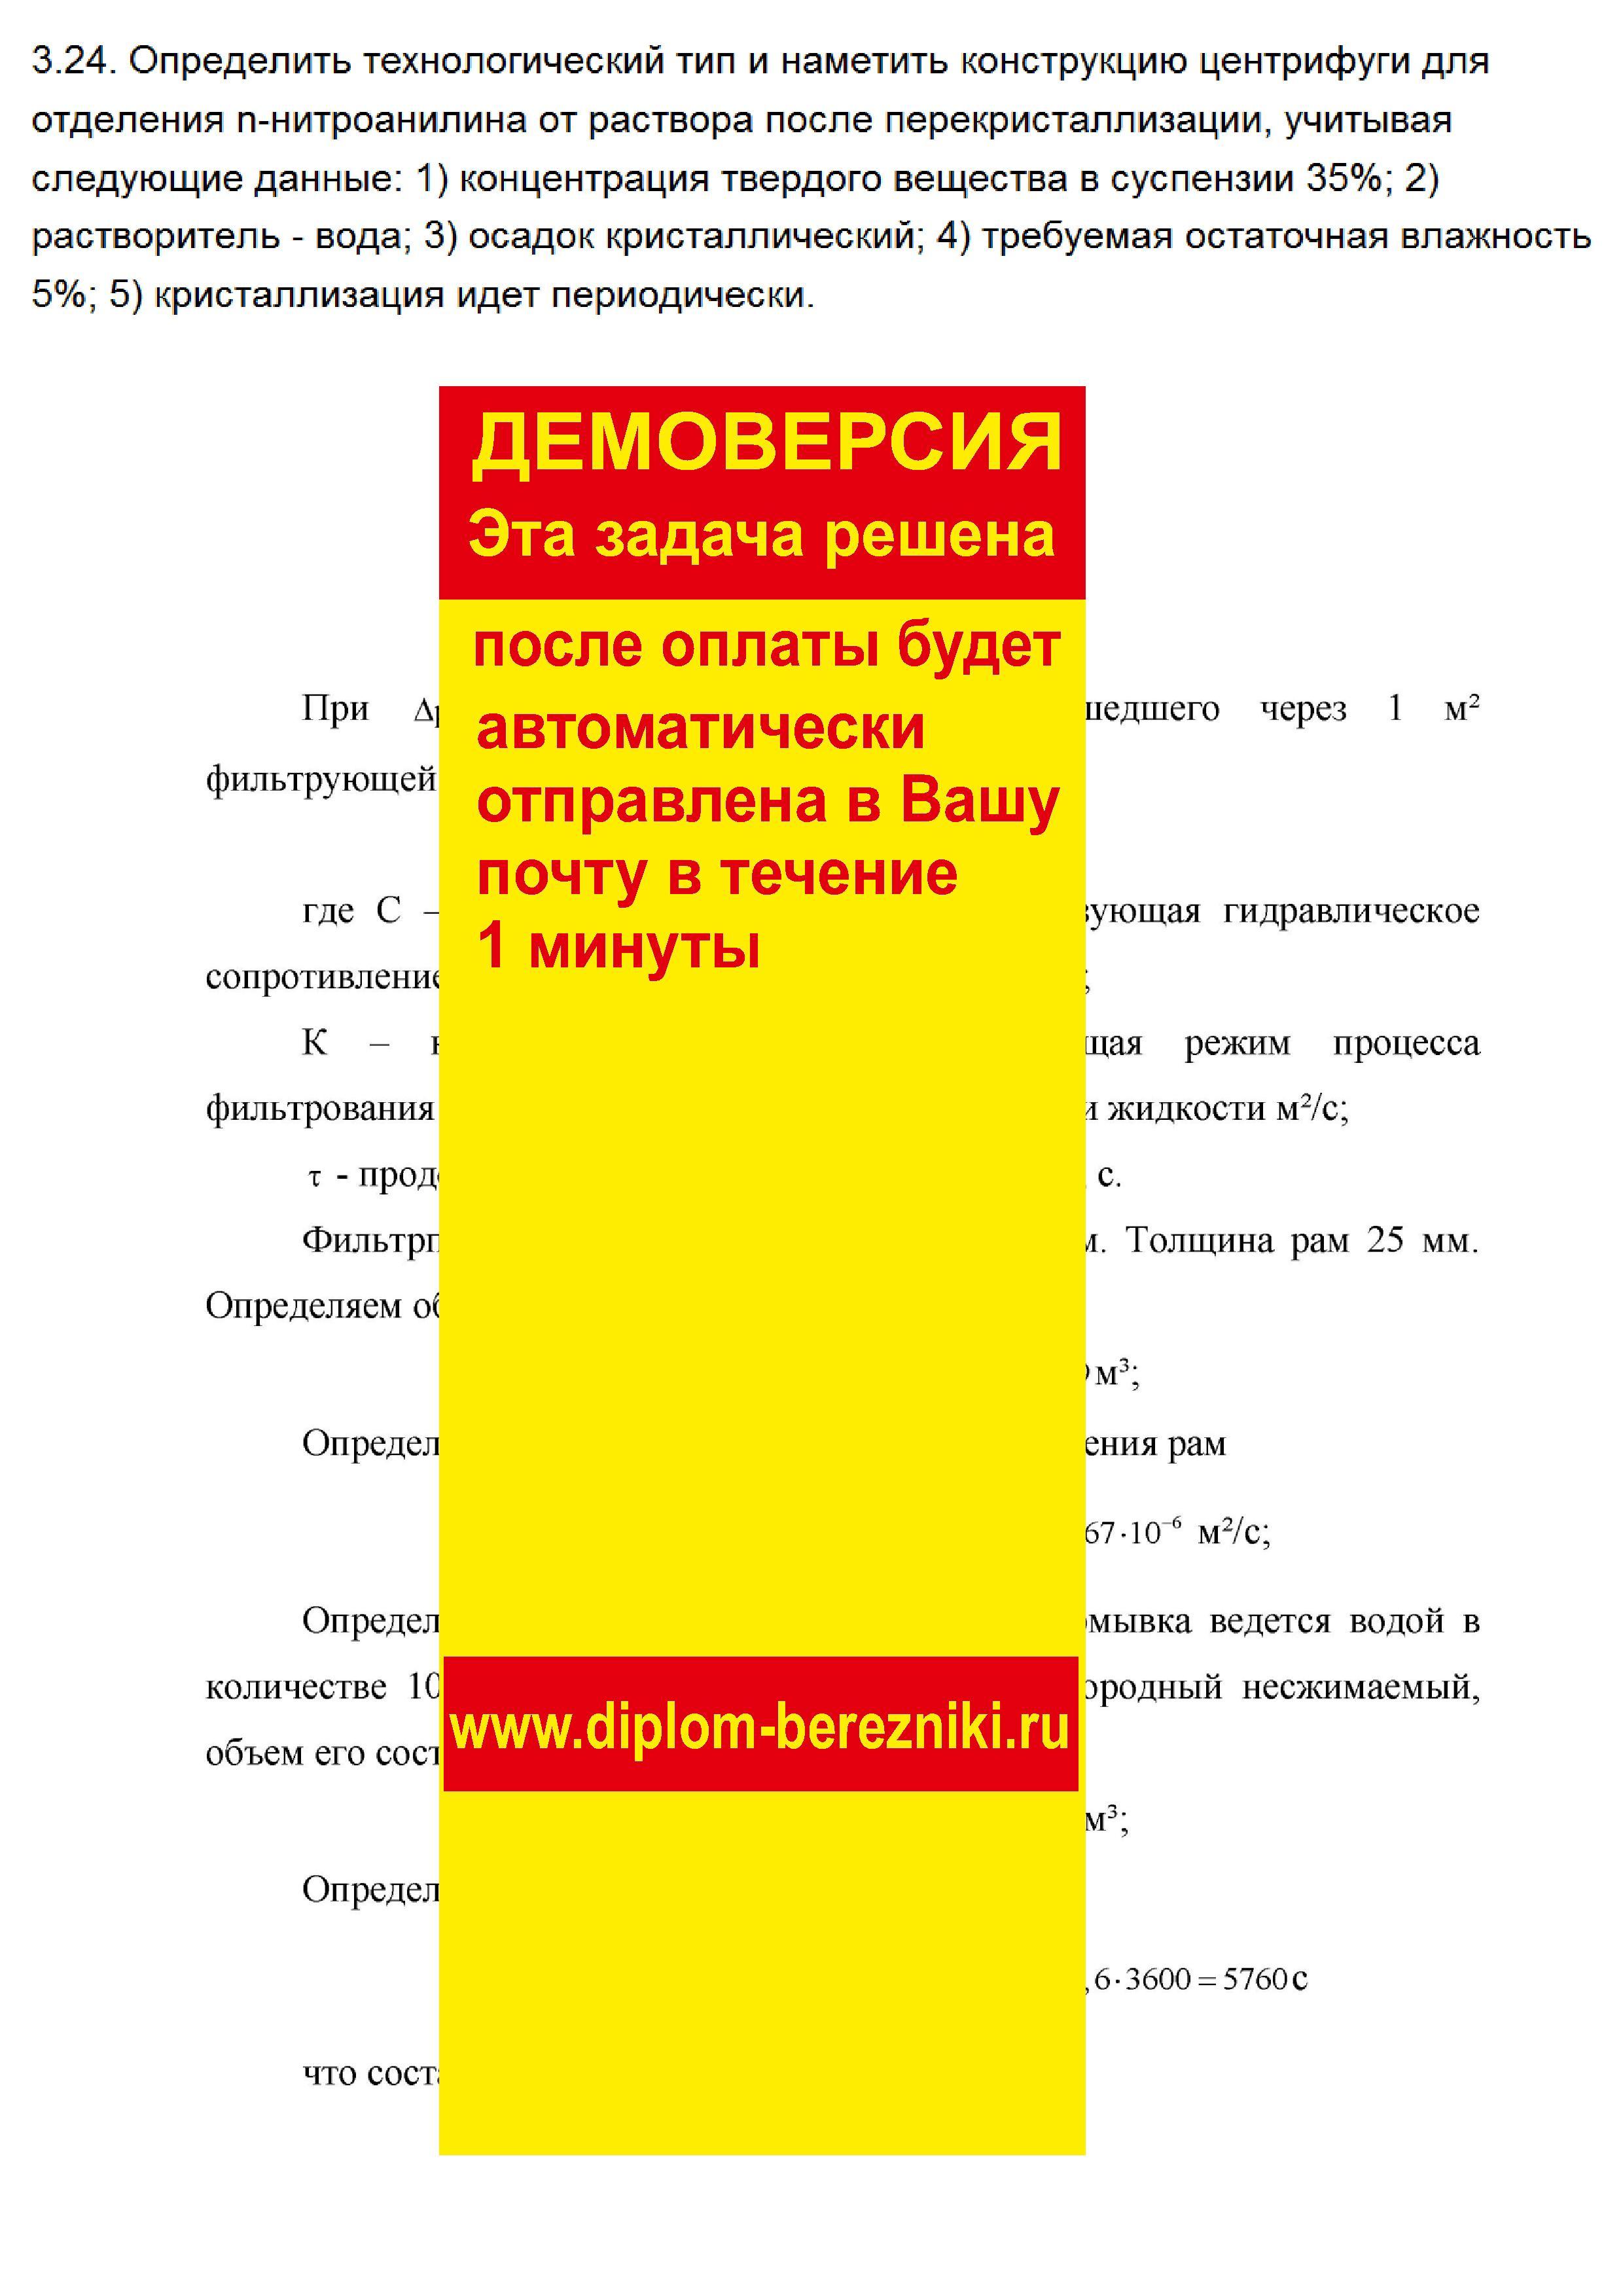 Решение задачи 3.24 по ПАХТ из задачника Павлова Романкова Носкова